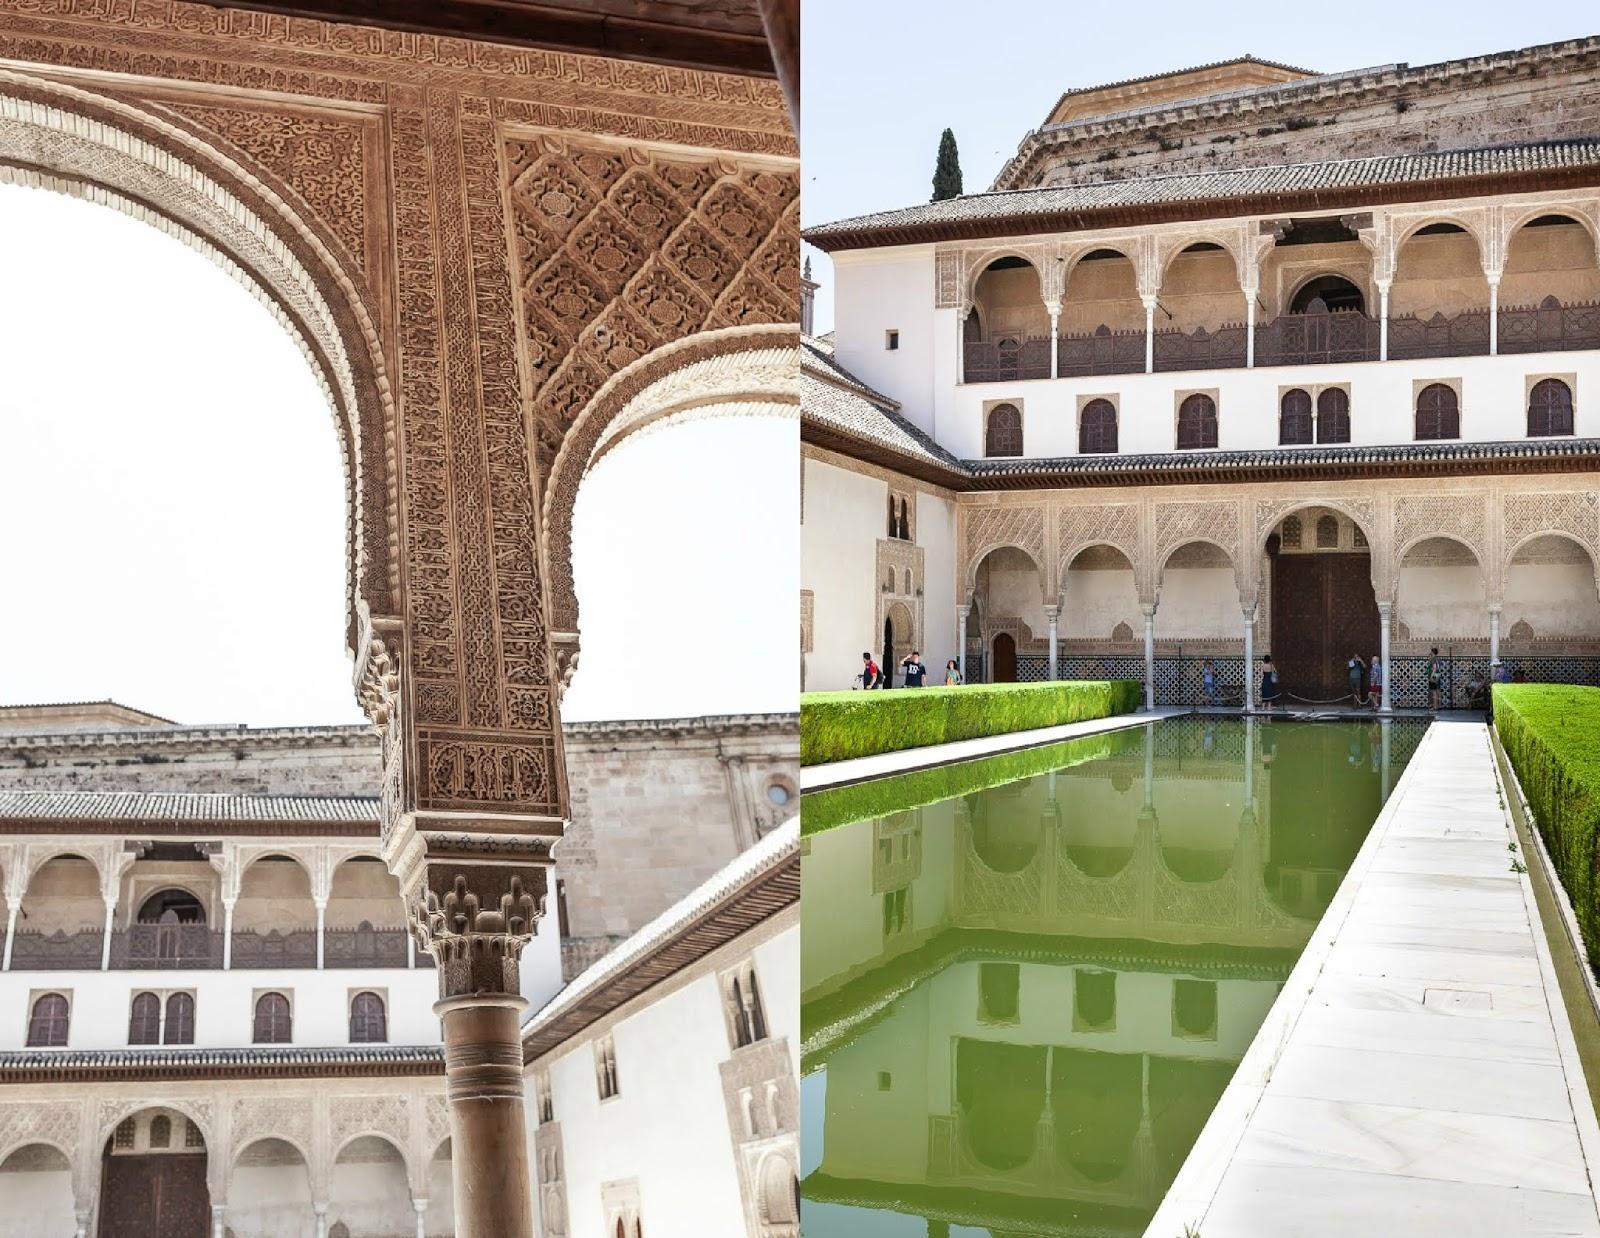 Patio de Arrayanas in Alhambra